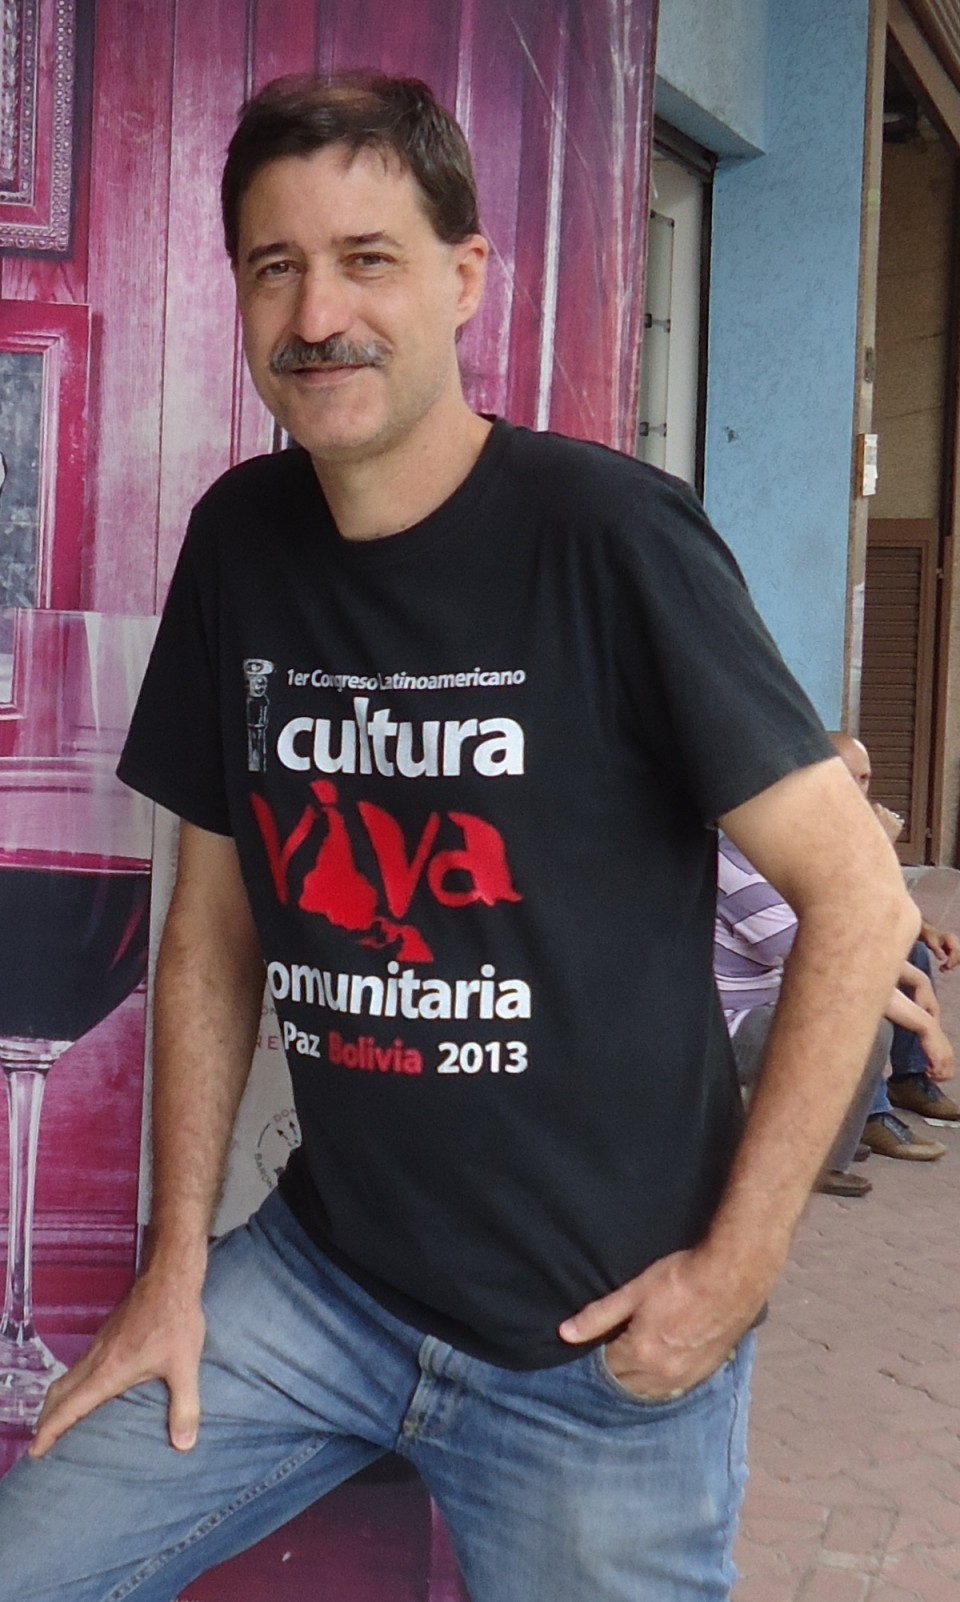 Sao Paulo, diciembre 2014